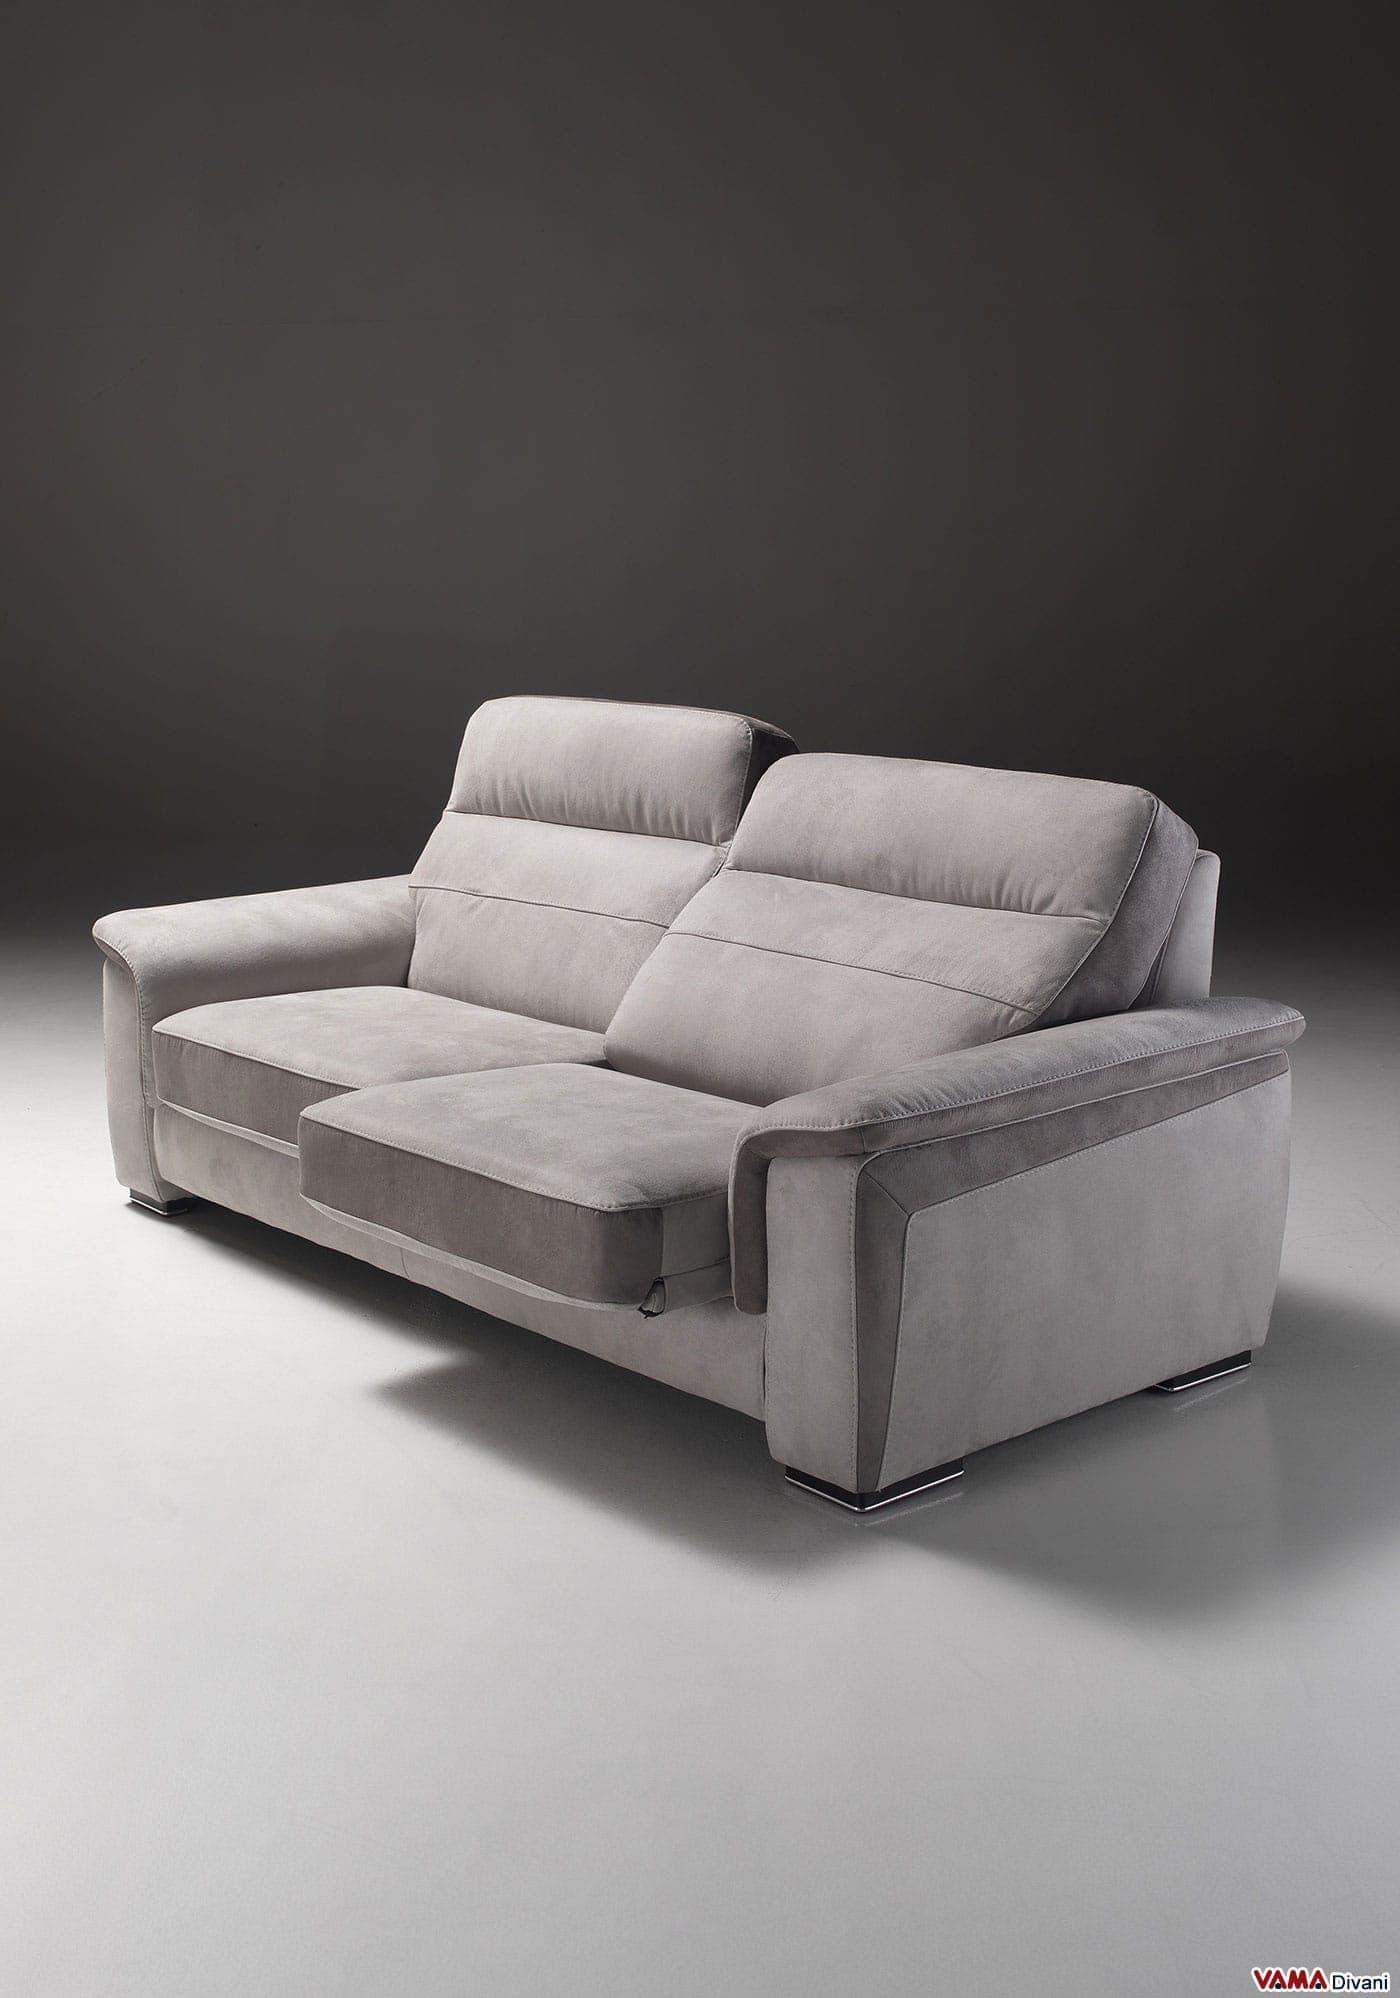 divano relax in pelle e tessuto con sedute scorrevoli. - Divani Con Seduta Allungabile